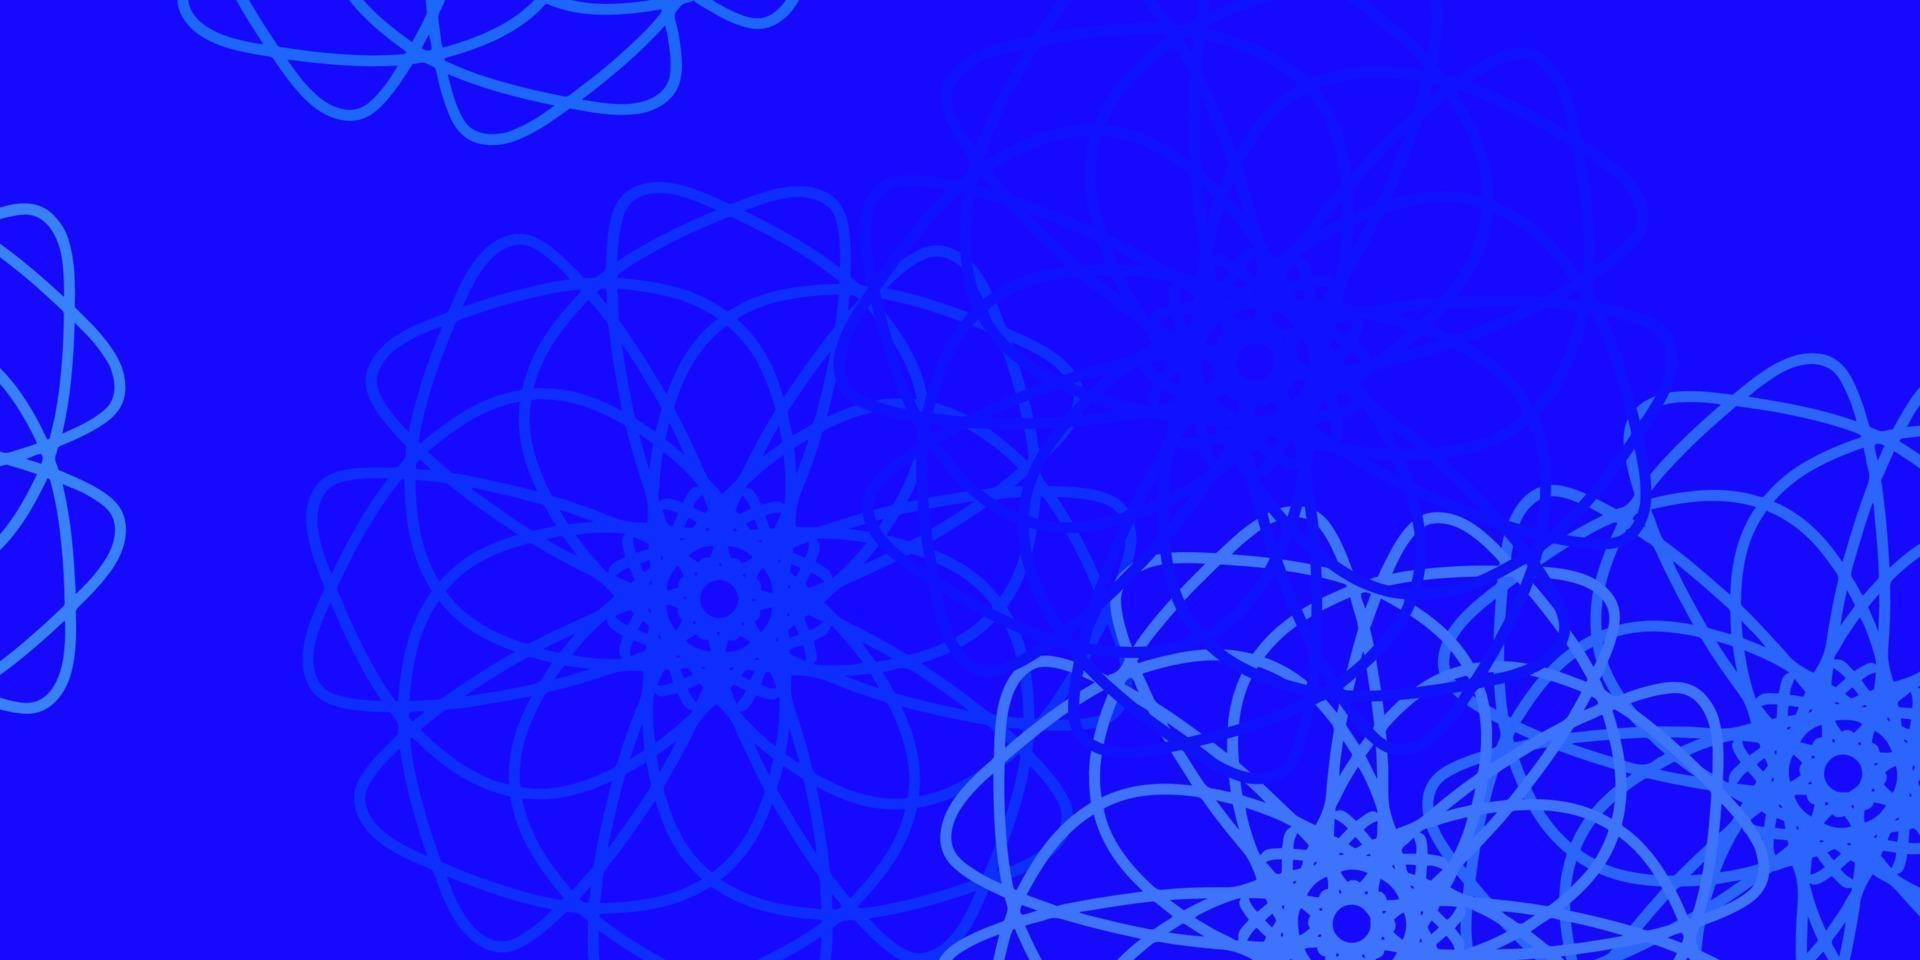 oeuvre naturelle de vecteur bleu clair, rouge avec des fleurs.